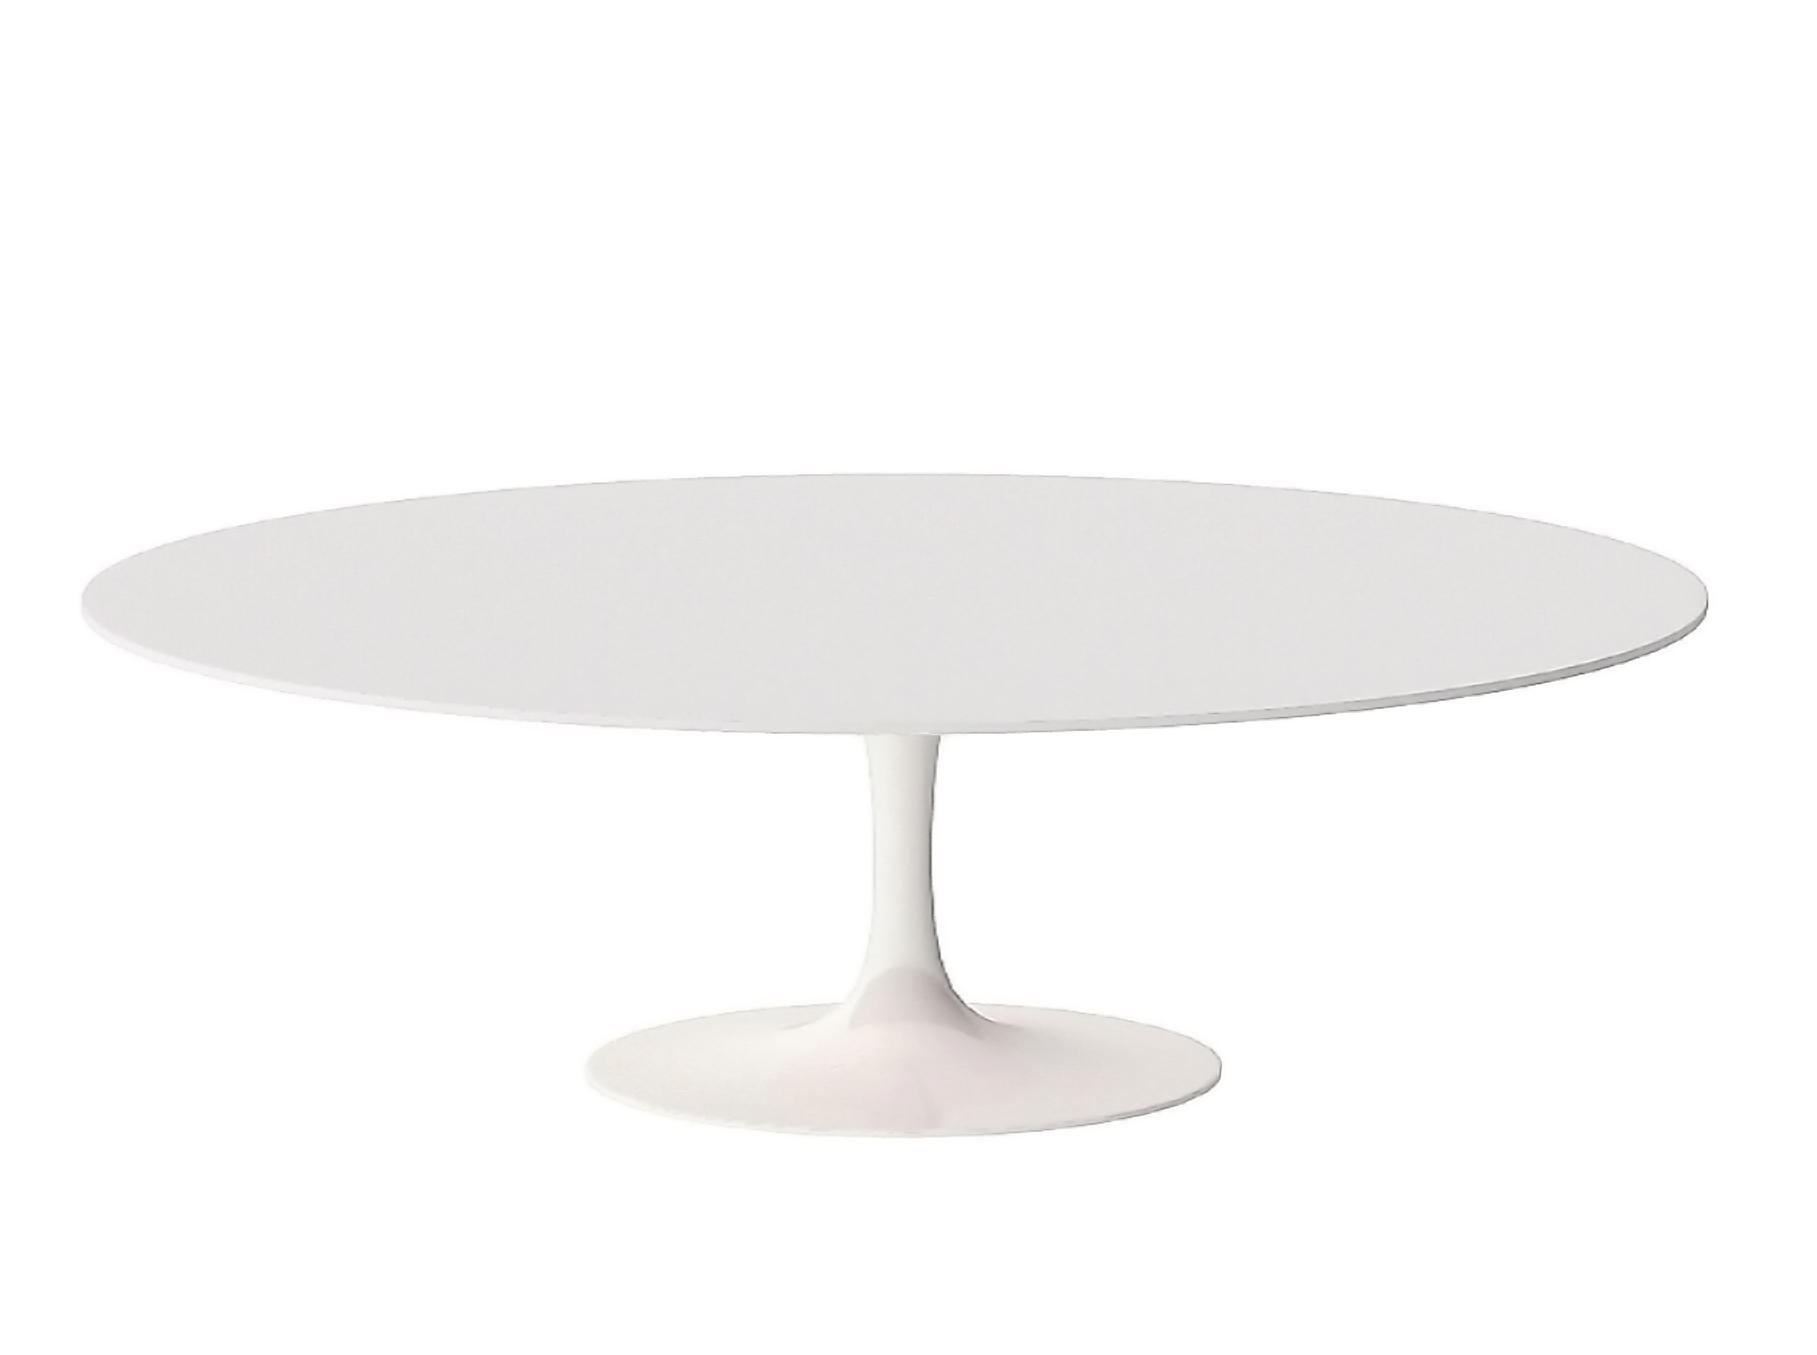 Стол обеденный Apriori TОбеденные столы<br>&amp;lt;div&amp;gt;Обеденный стол с лаконичным основанием из акрилового камня.&amp;amp;nbsp;&amp;lt;/div&amp;gt;&amp;lt;div&amp;gt;Подходит в комплект со стульями серии &amp;quot;Apriori&amp;quot;.&amp;amp;nbsp;&amp;lt;/div&amp;gt;&amp;lt;div&amp;gt;&amp;lt;br&amp;gt;&amp;lt;/div&amp;gt;&amp;lt;div&amp;gt;Материал: акриловый камень, плита мдф шпонированная (13т белый глянцевый).&amp;lt;/div&amp;gt;<br><br>Material: Дерево<br>Length см: None<br>Width см: 180<br>Depth см: 110<br>Height см: 77